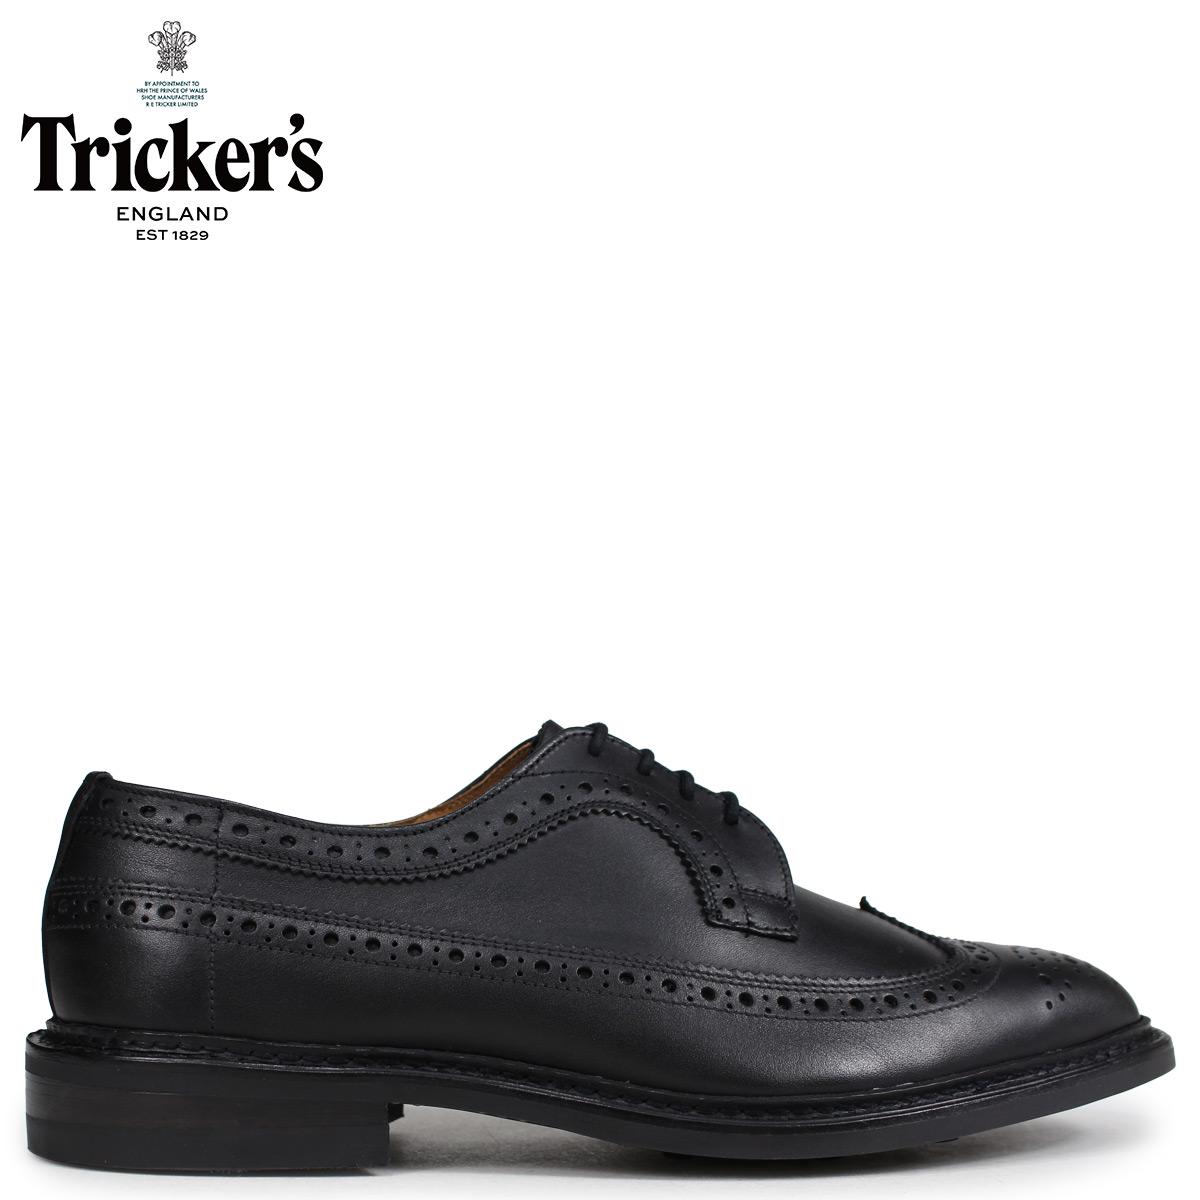 Tricker's トリッカーズ ウイングチップ シューズ RICHARD 5ワイズ メンズ ブラック 5164